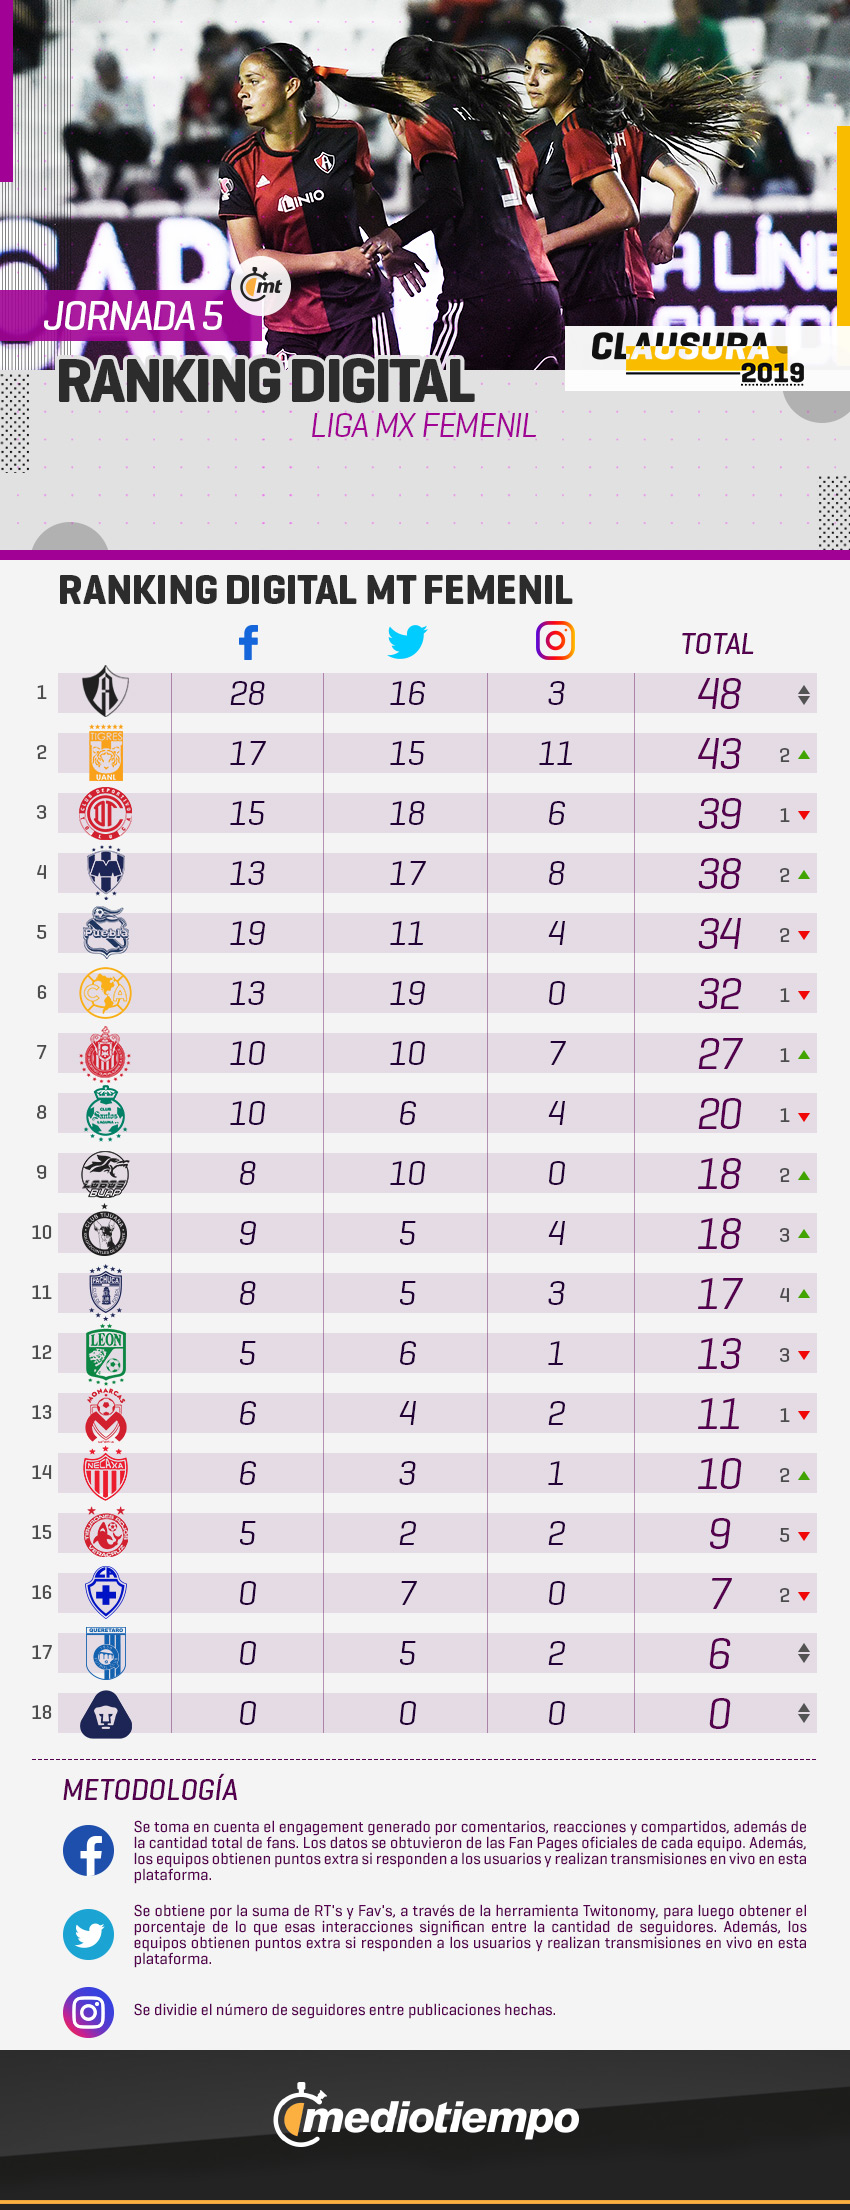 Ranking Digital Femenil J5 CL2019